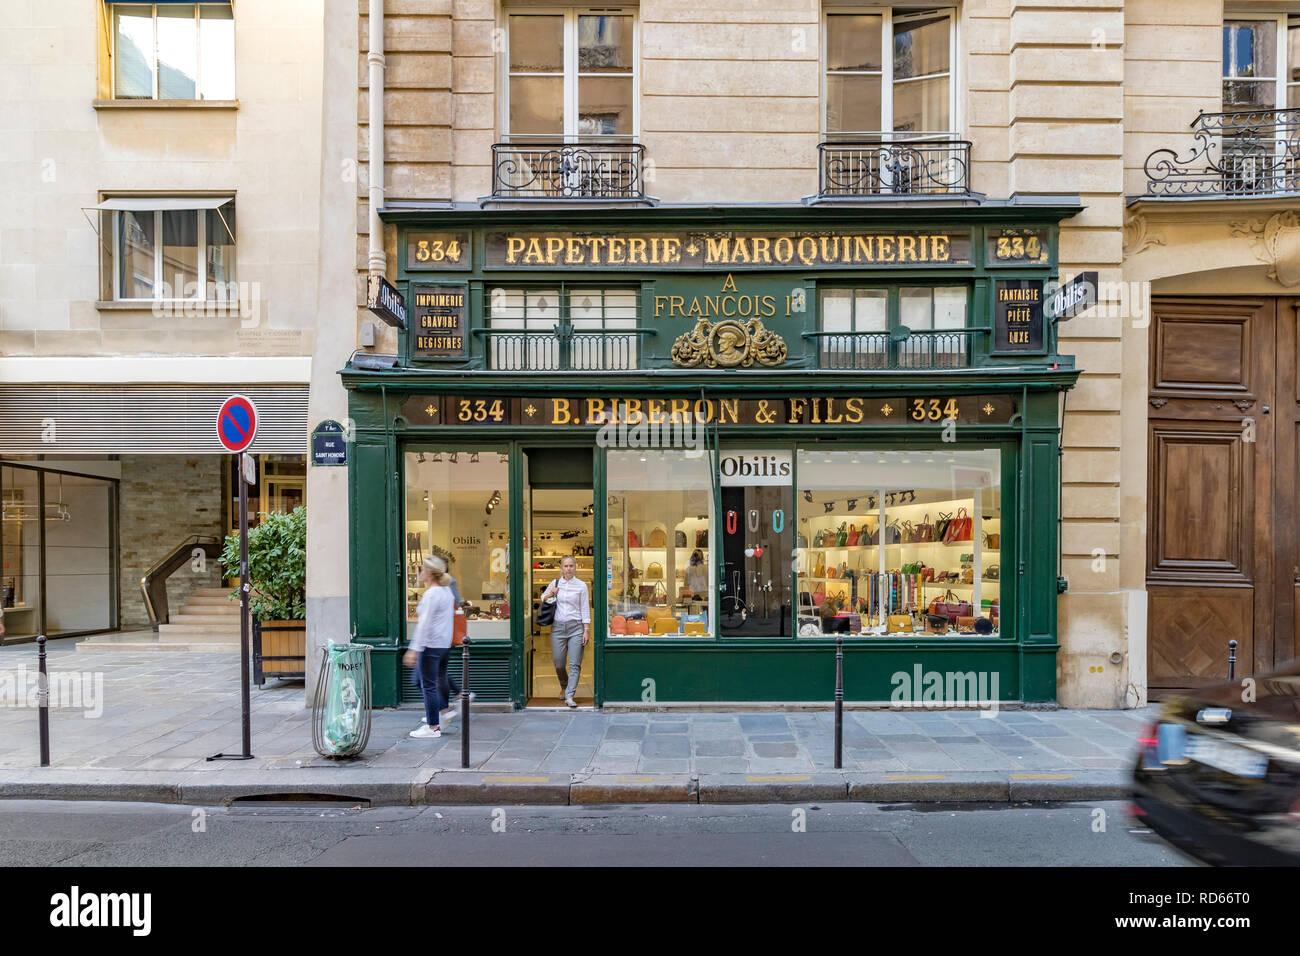 Une marche La marche hors de la porte de B. Agglomérat & Fils de concessionnaire de maroquinerie de luxe et de papeterie, Paris, France Photo Stock